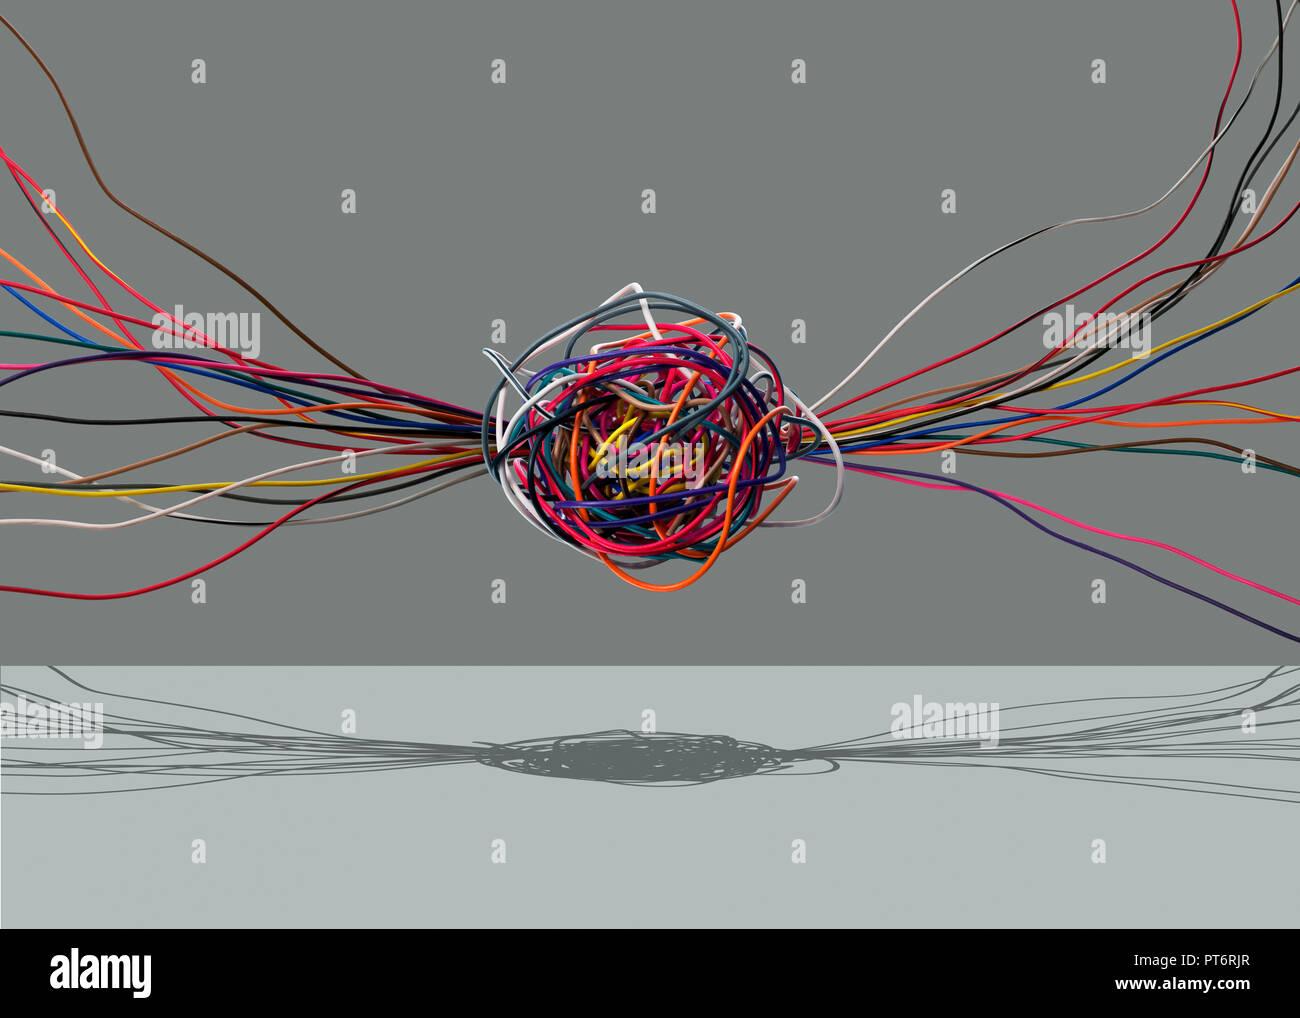 Konzept Farbe Kabel und eine zentrale Verbindung, Konnektivität, verdrahtet, Zentrale Datenverarbeitung Stockbild